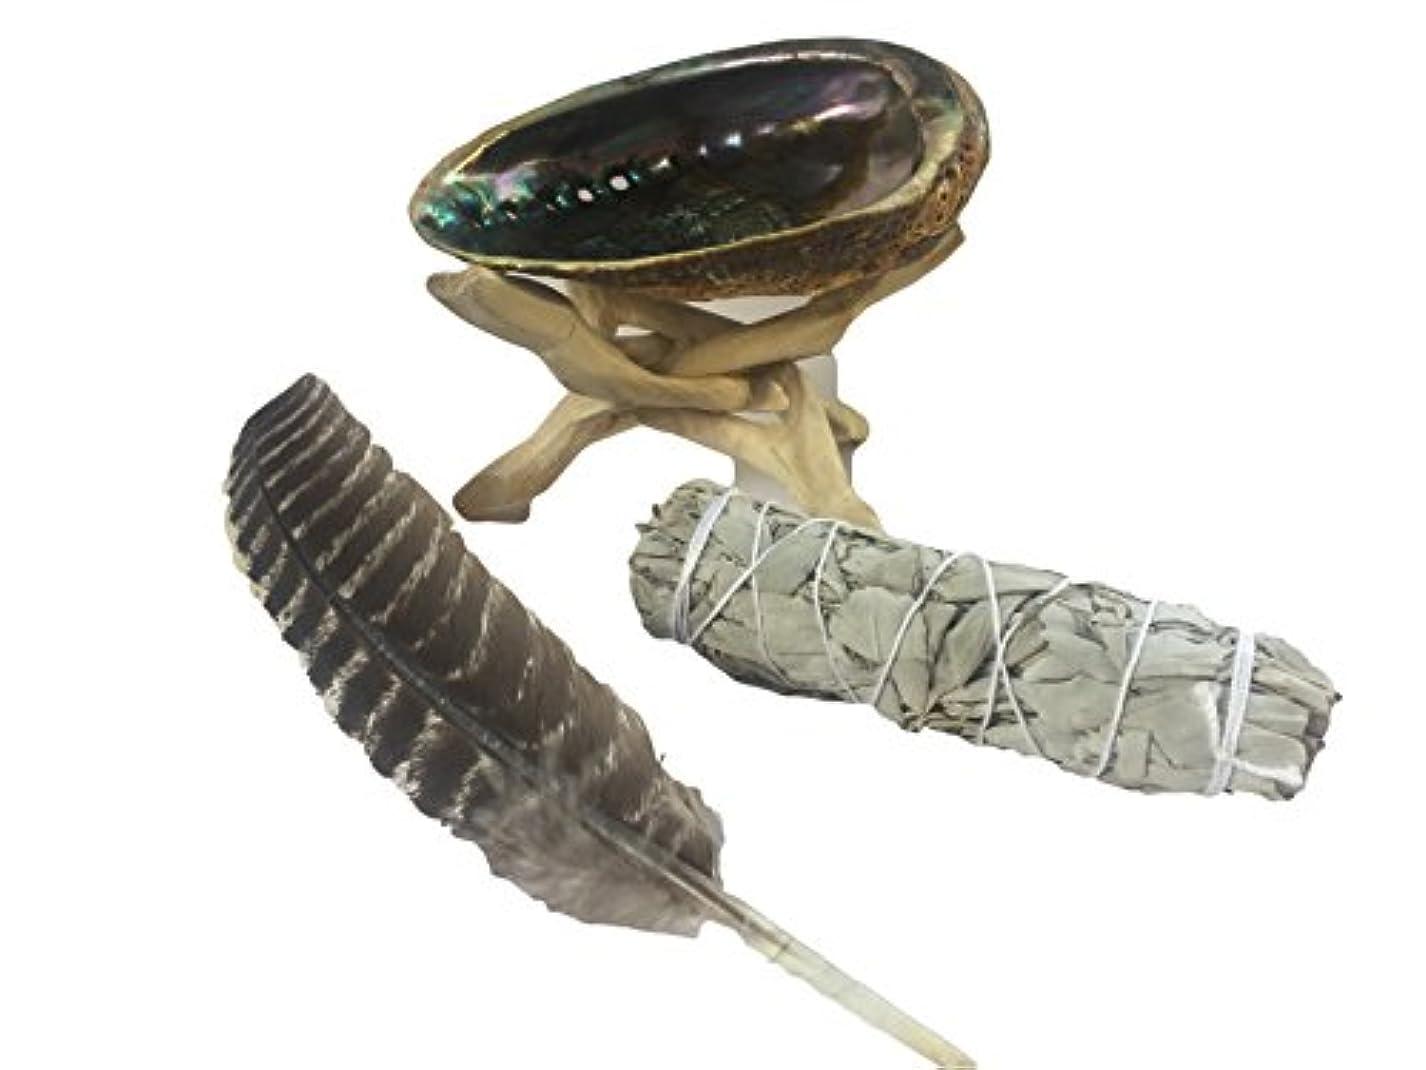 磁気先祖ラックSmudgingキットwith Abaloneシェル、木製三脚、ホワイトセージSmudge Stick &フェザー